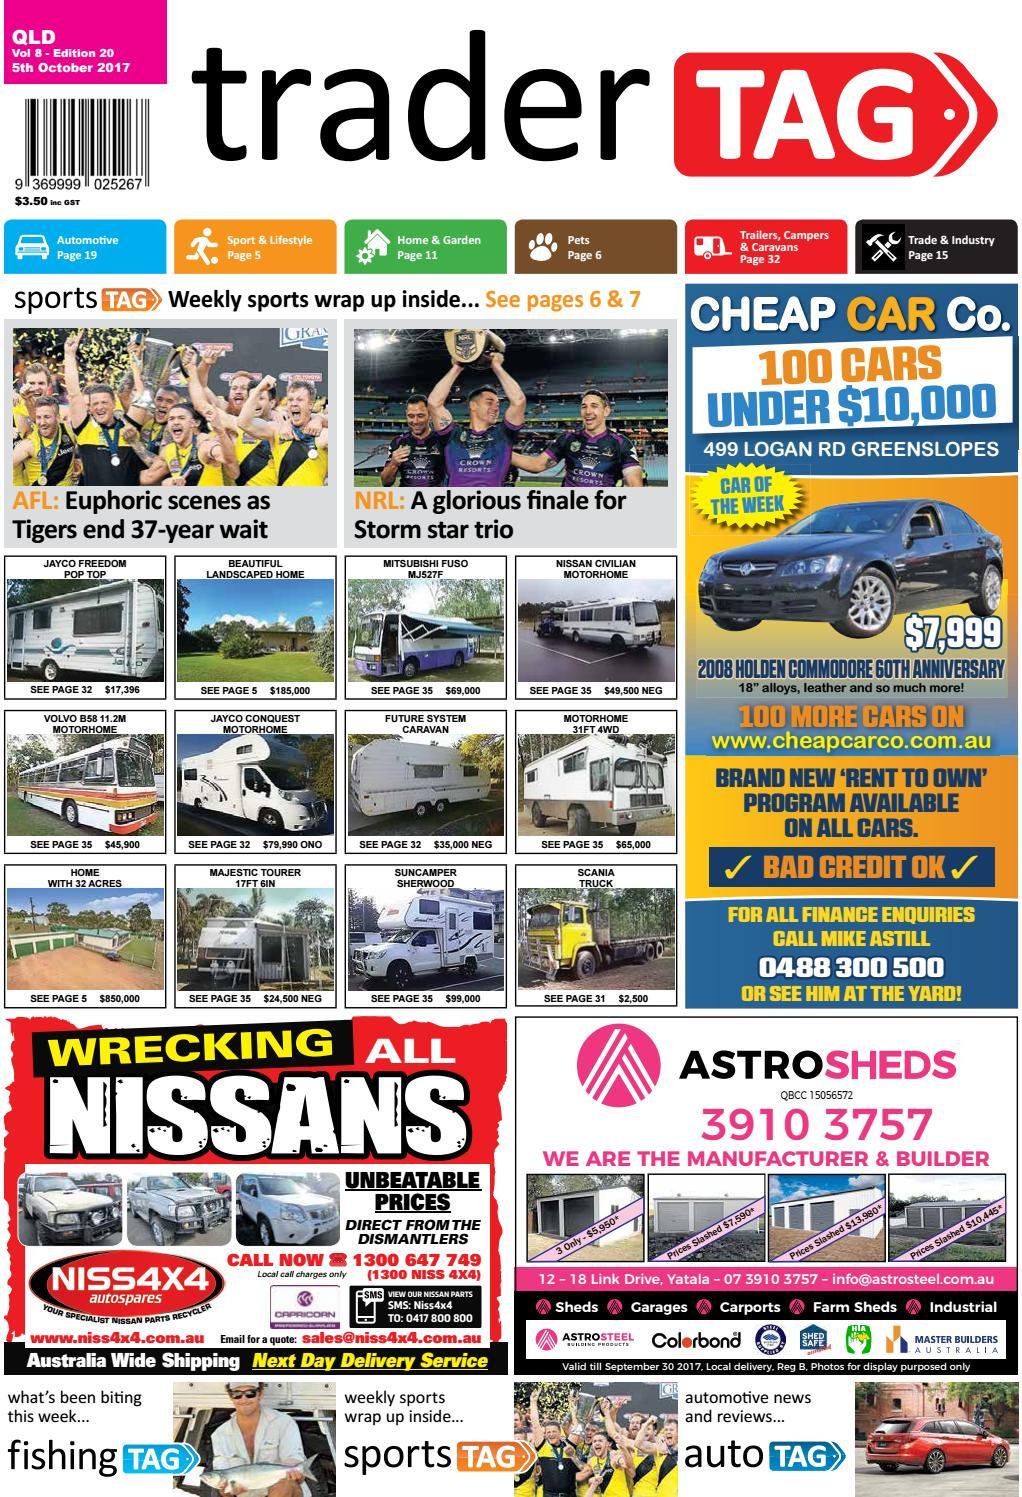 TraderTAG - Queensland - Edition 20 - 2017